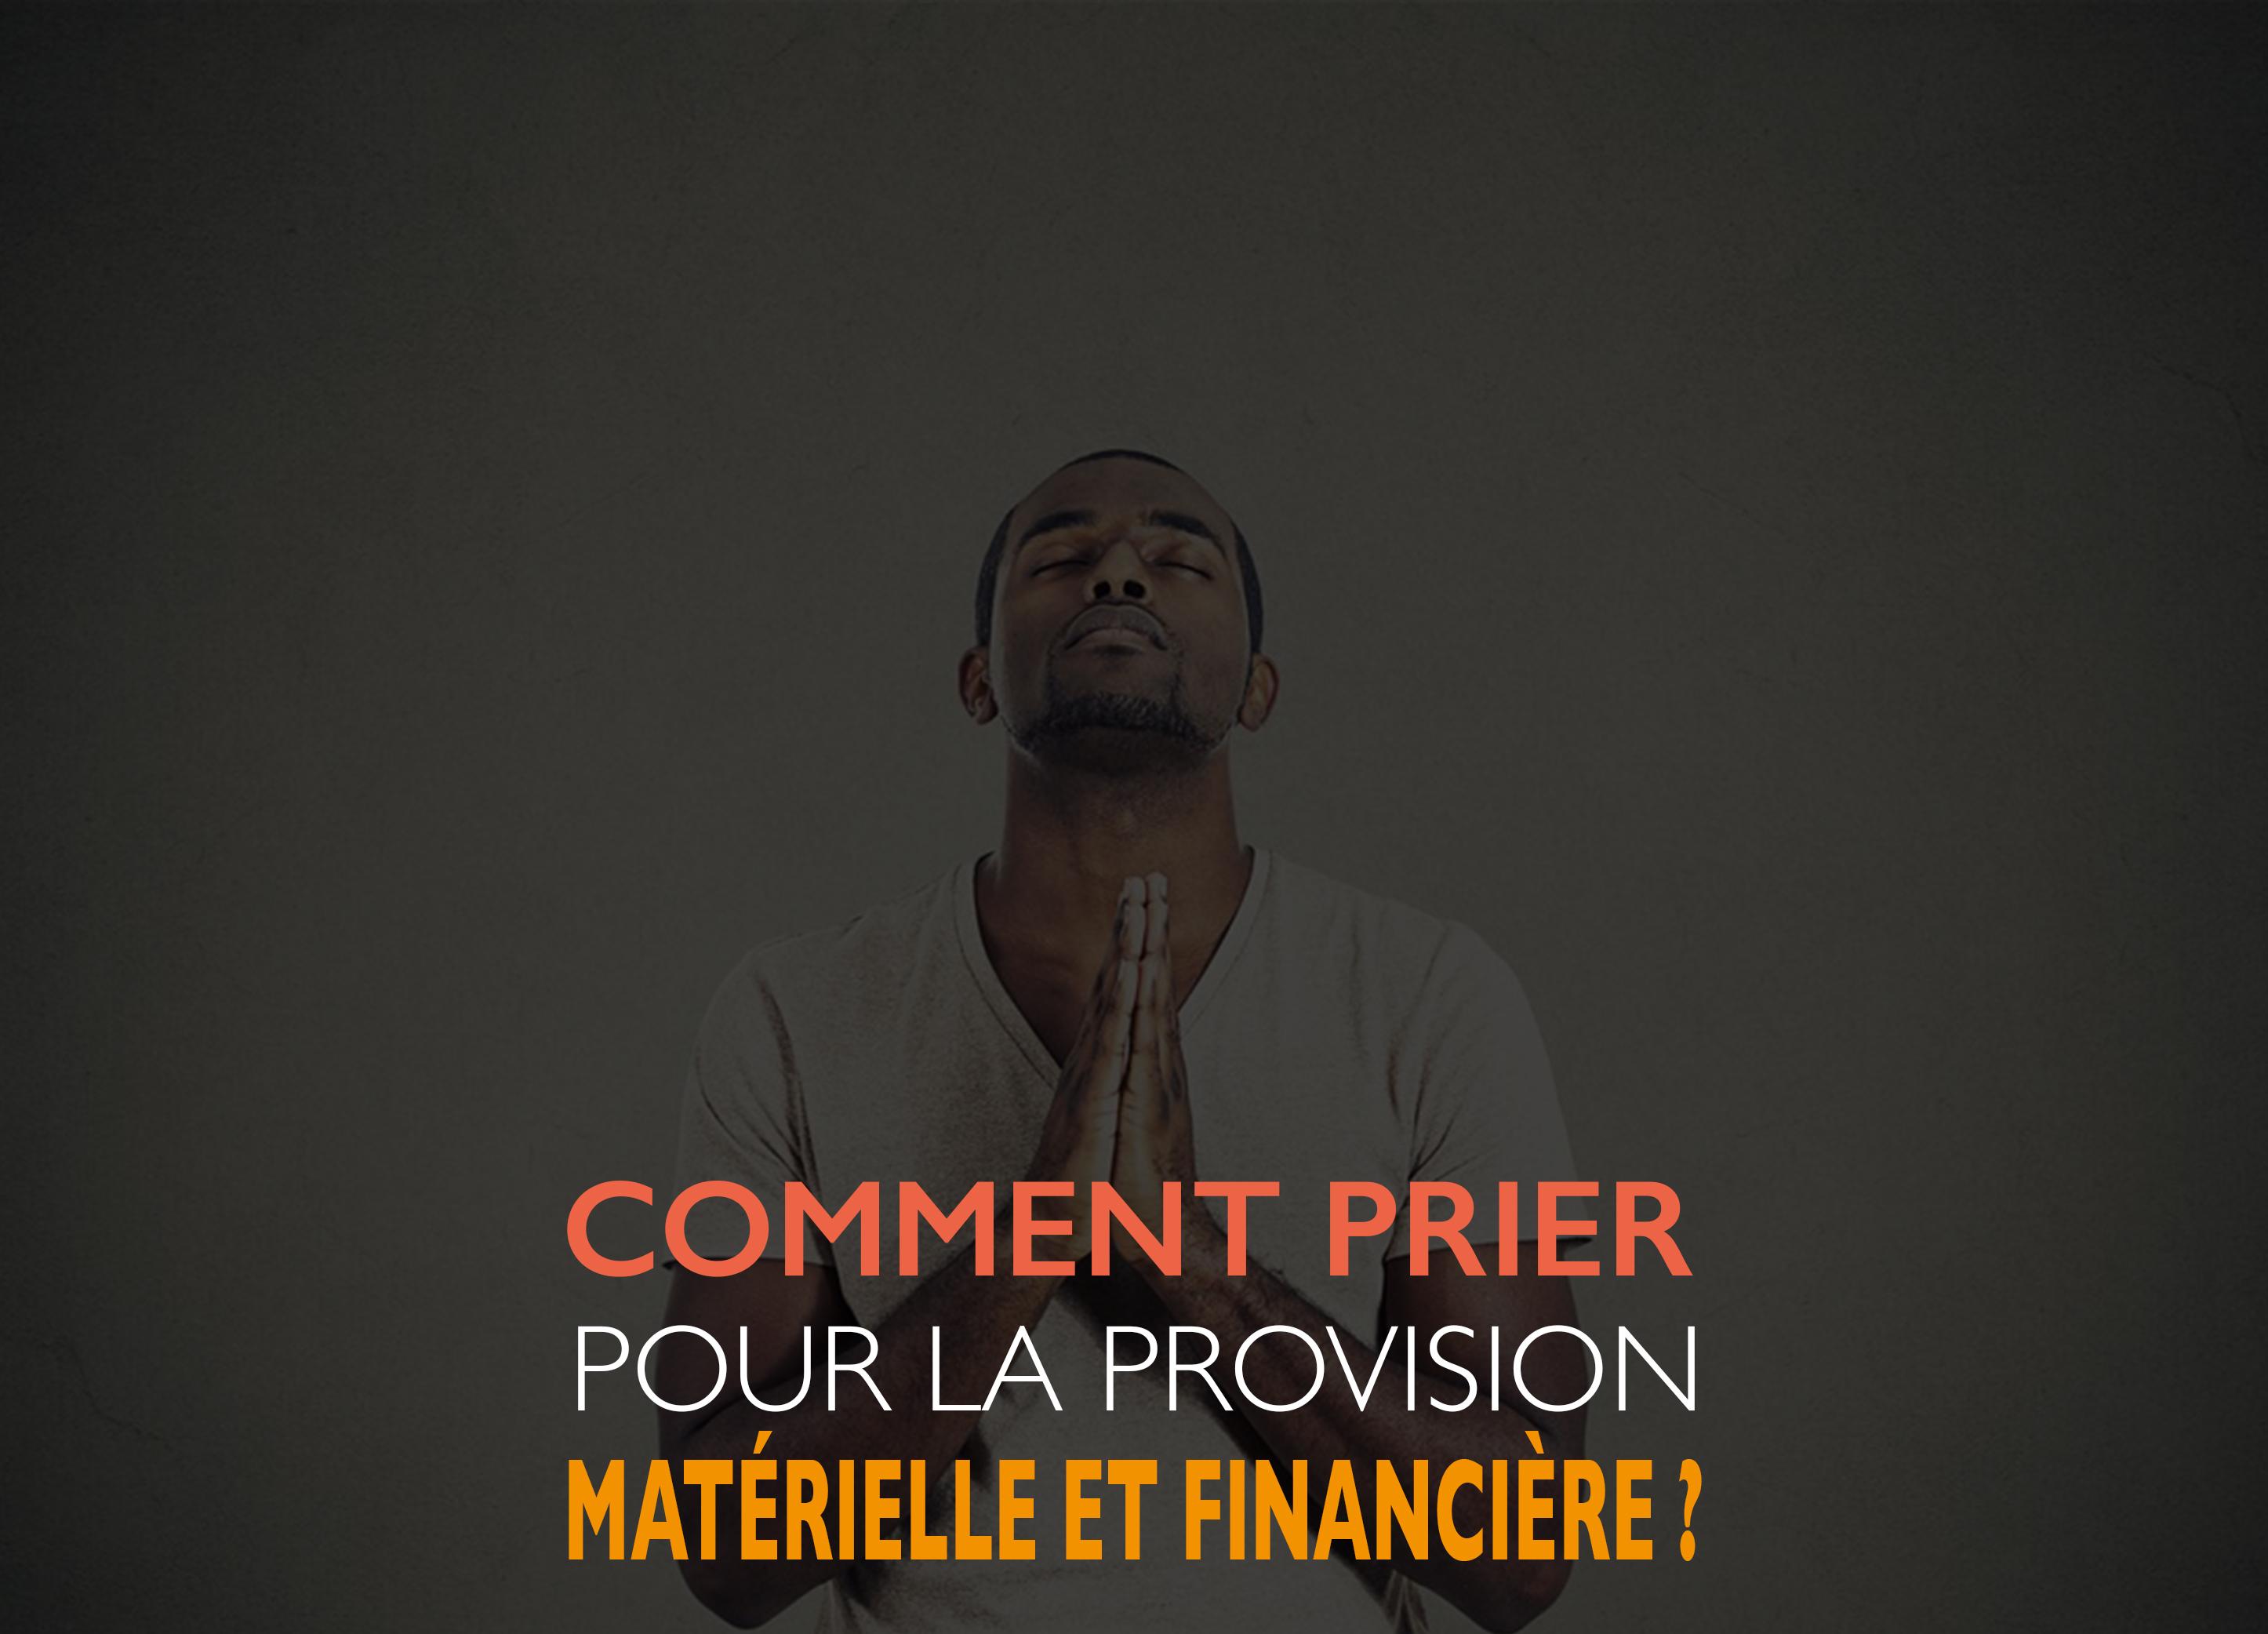 Comment prier pour la provision matérielle et financière